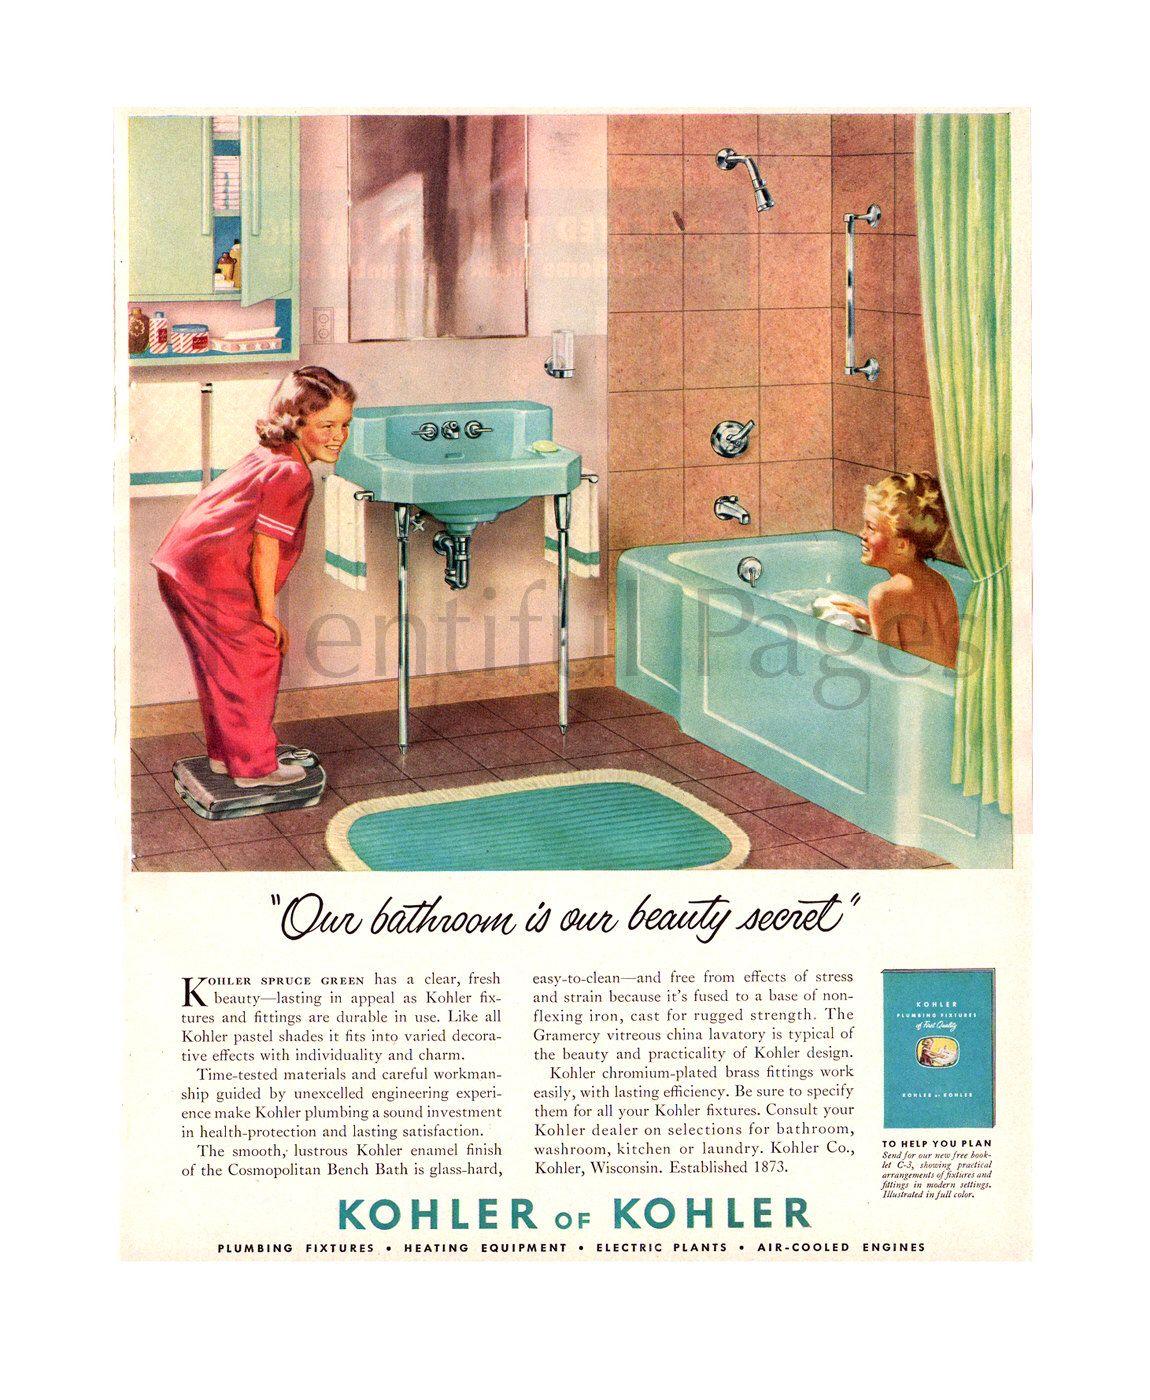 1950 Kohler Bathroom Vintage Ad 1950 39 S Bathroom Retro